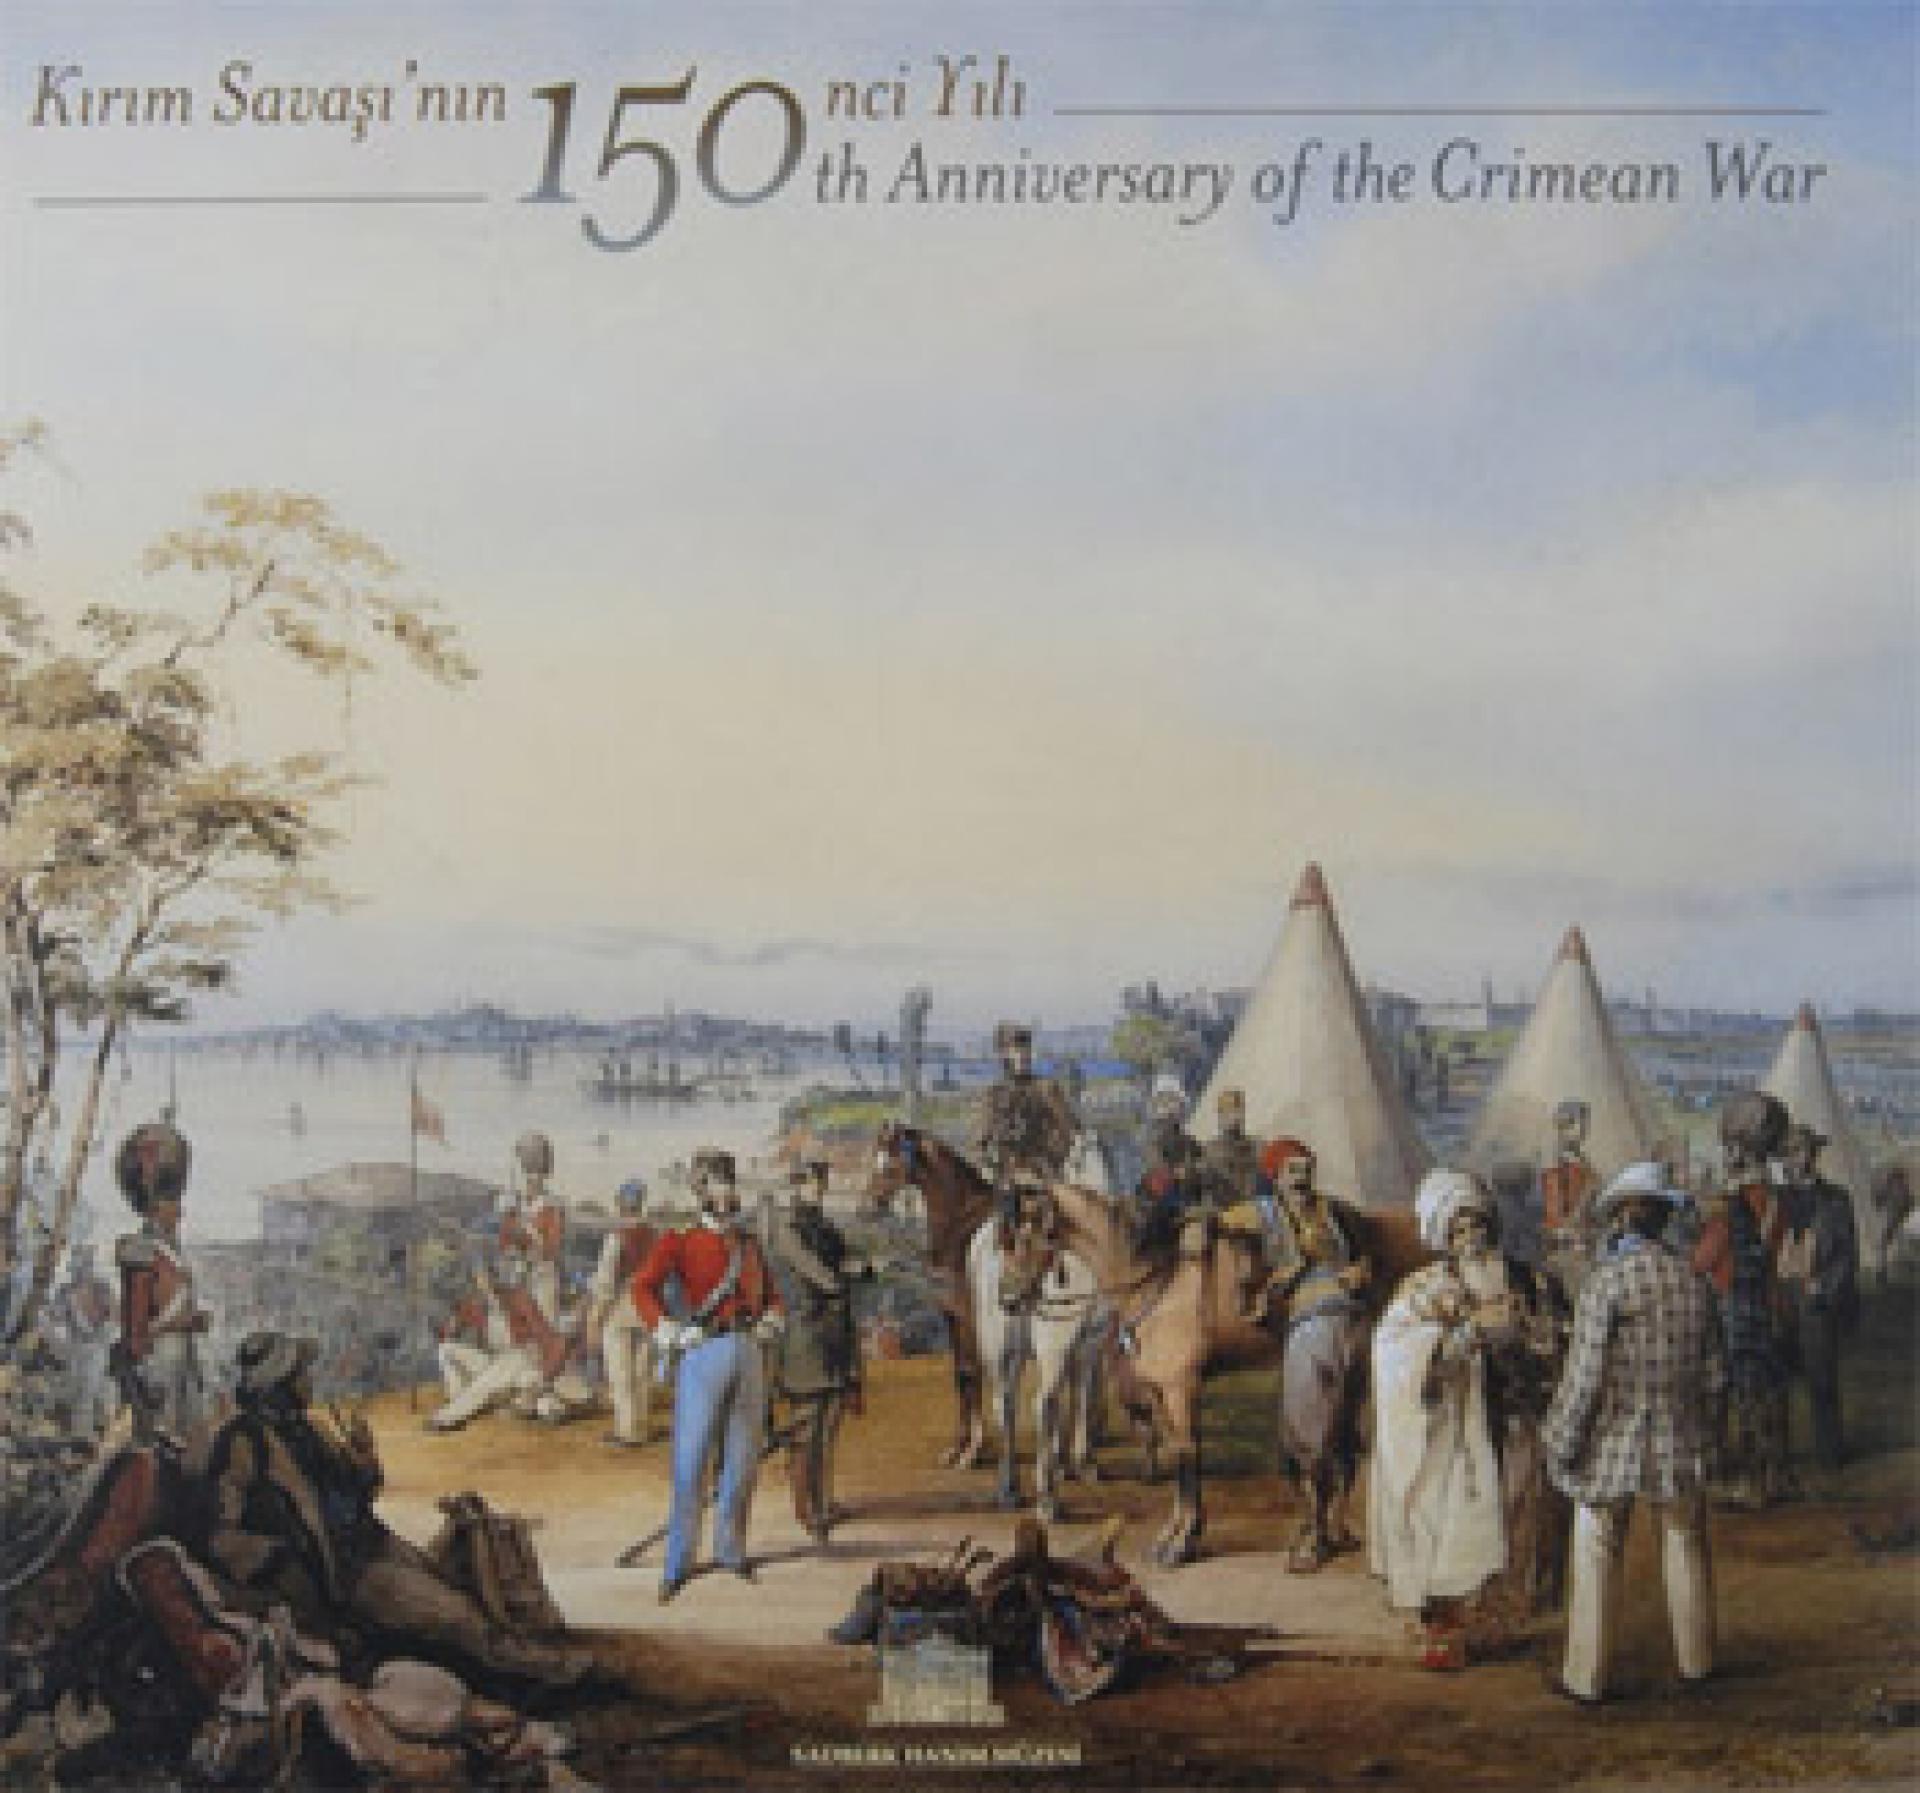 Kırım Savaşı'nın 150. Yılı - SERGİLER - Sadberk Hanım Müzesi